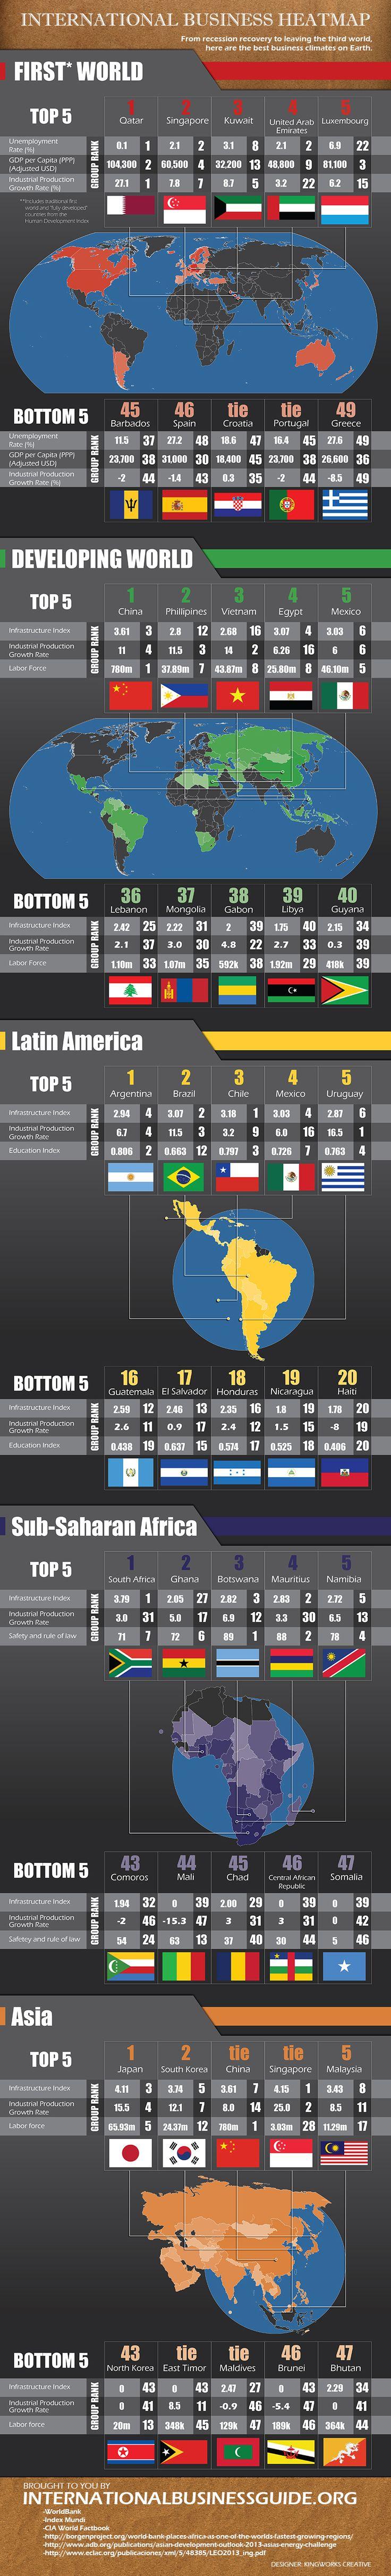 International Business Heat Map